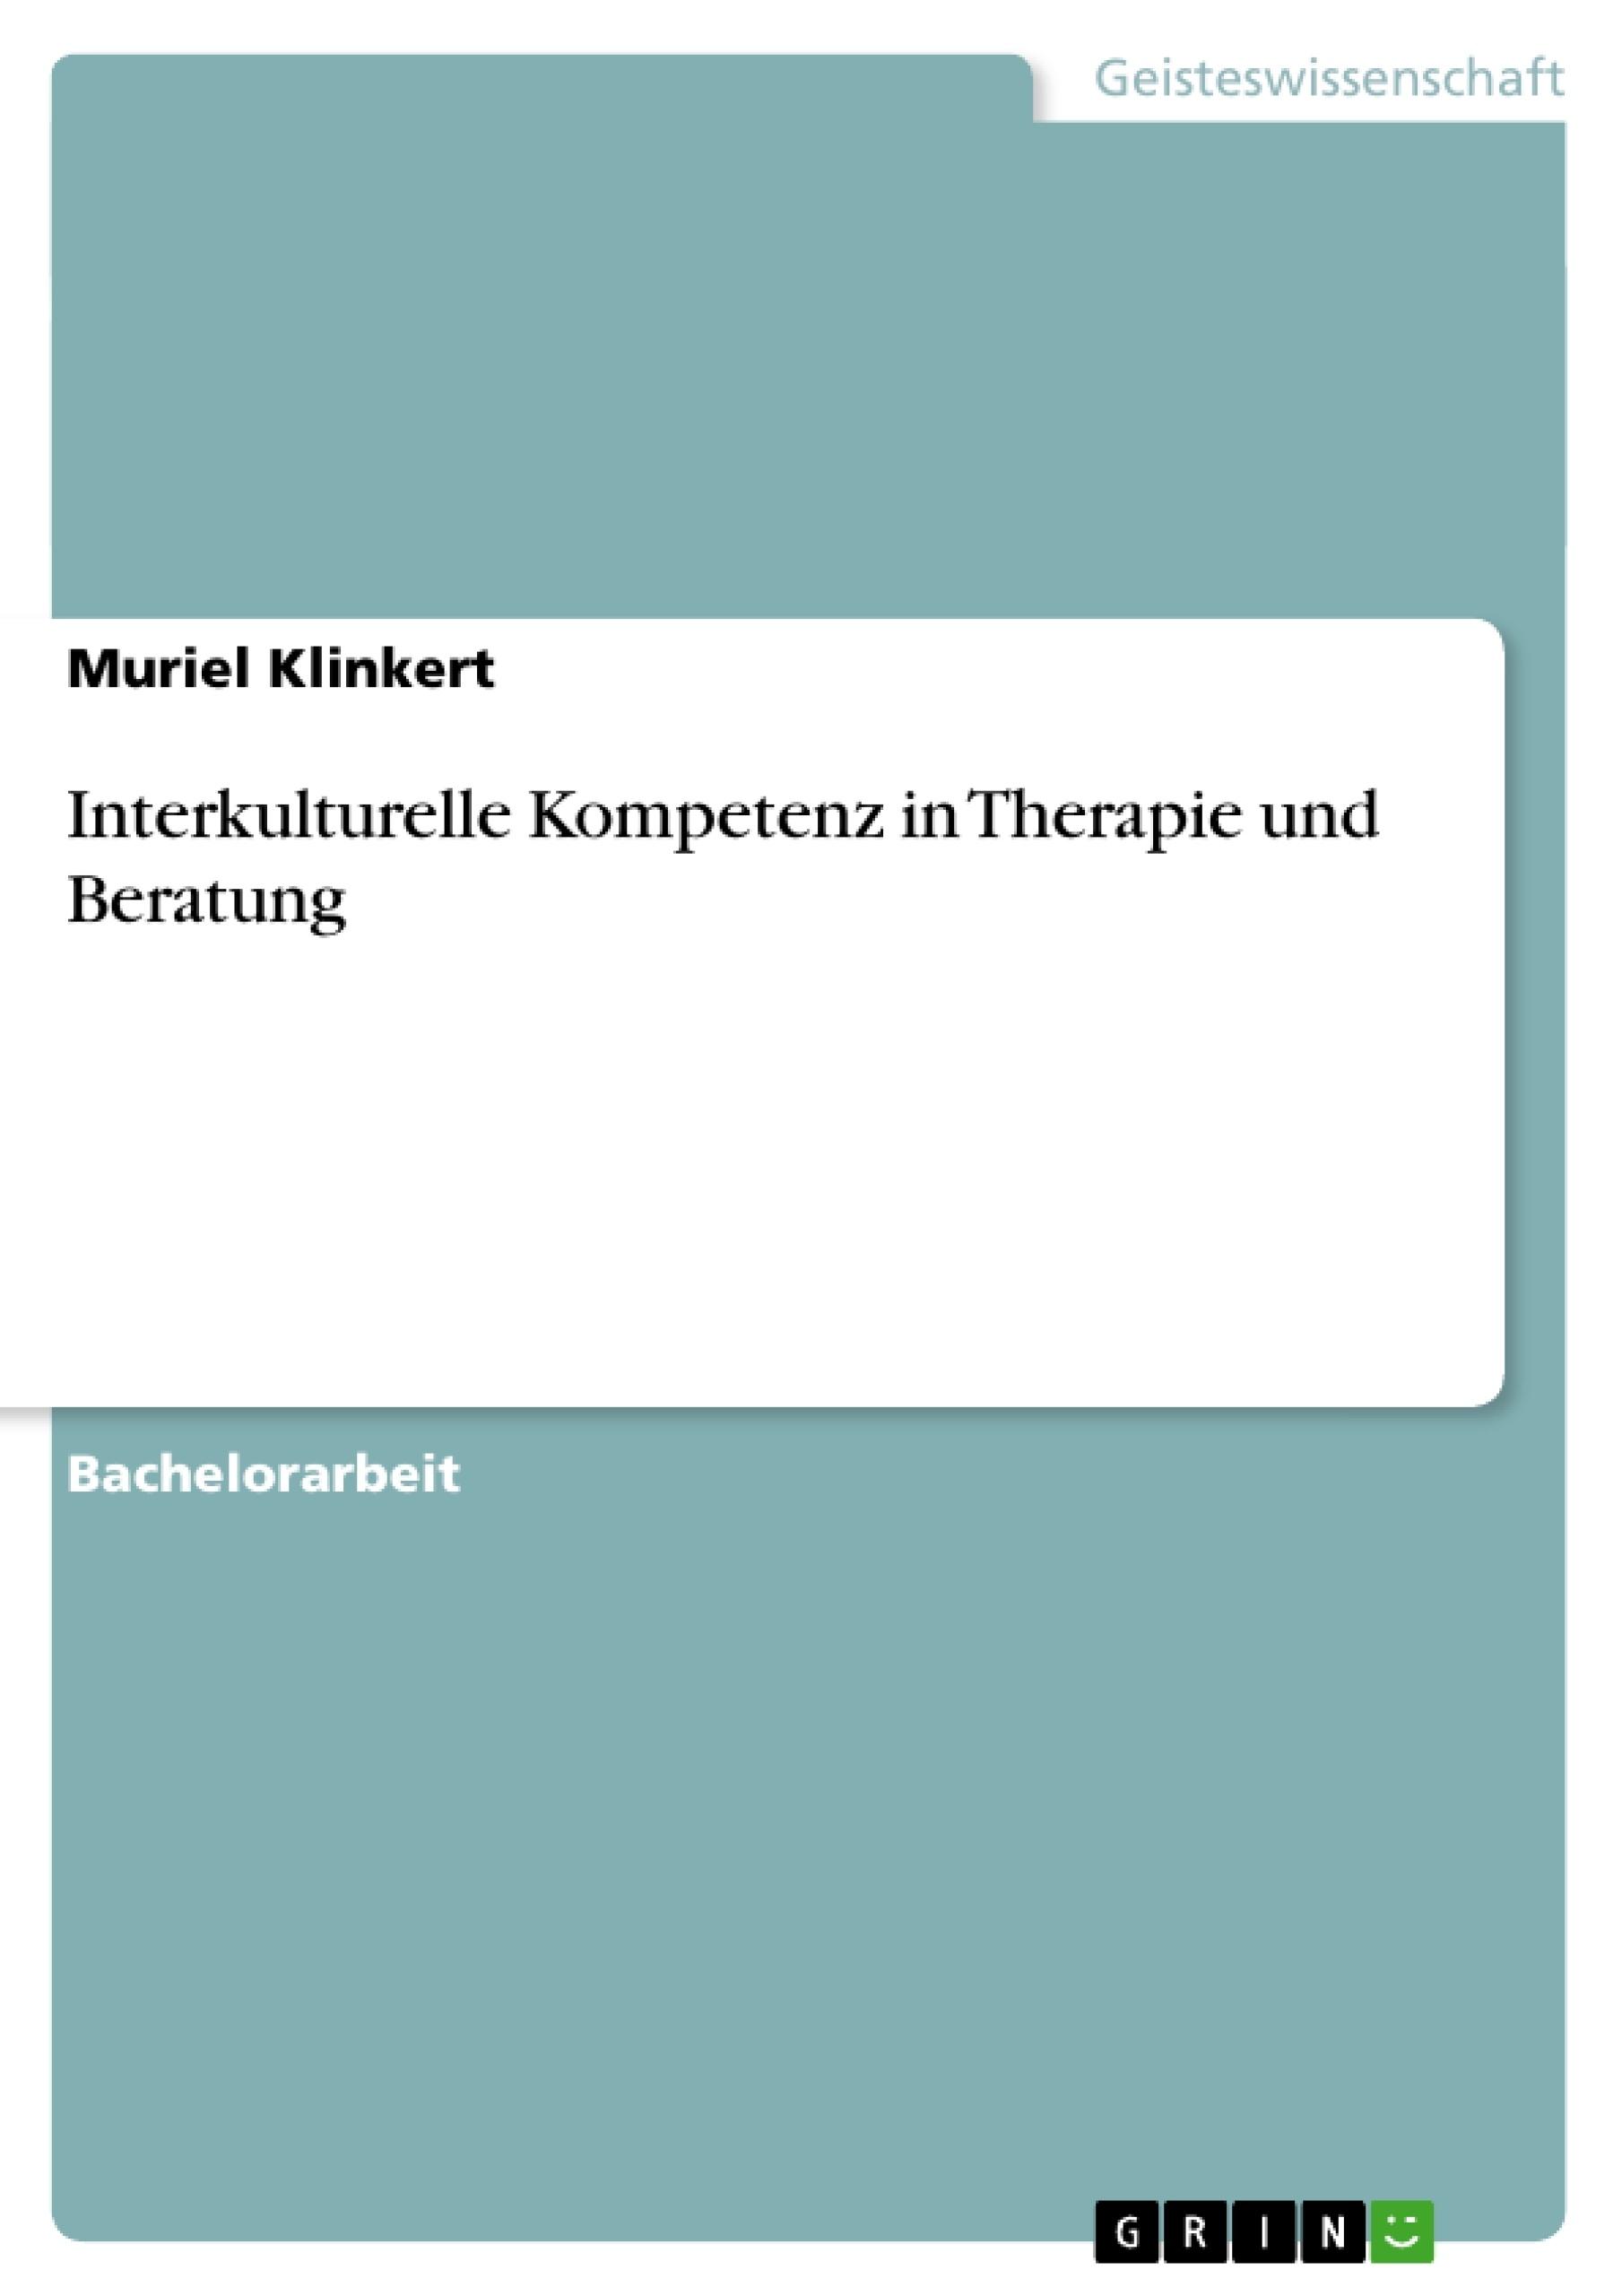 Titel: Interkulturelle Kompetenz in Therapie und Beratung